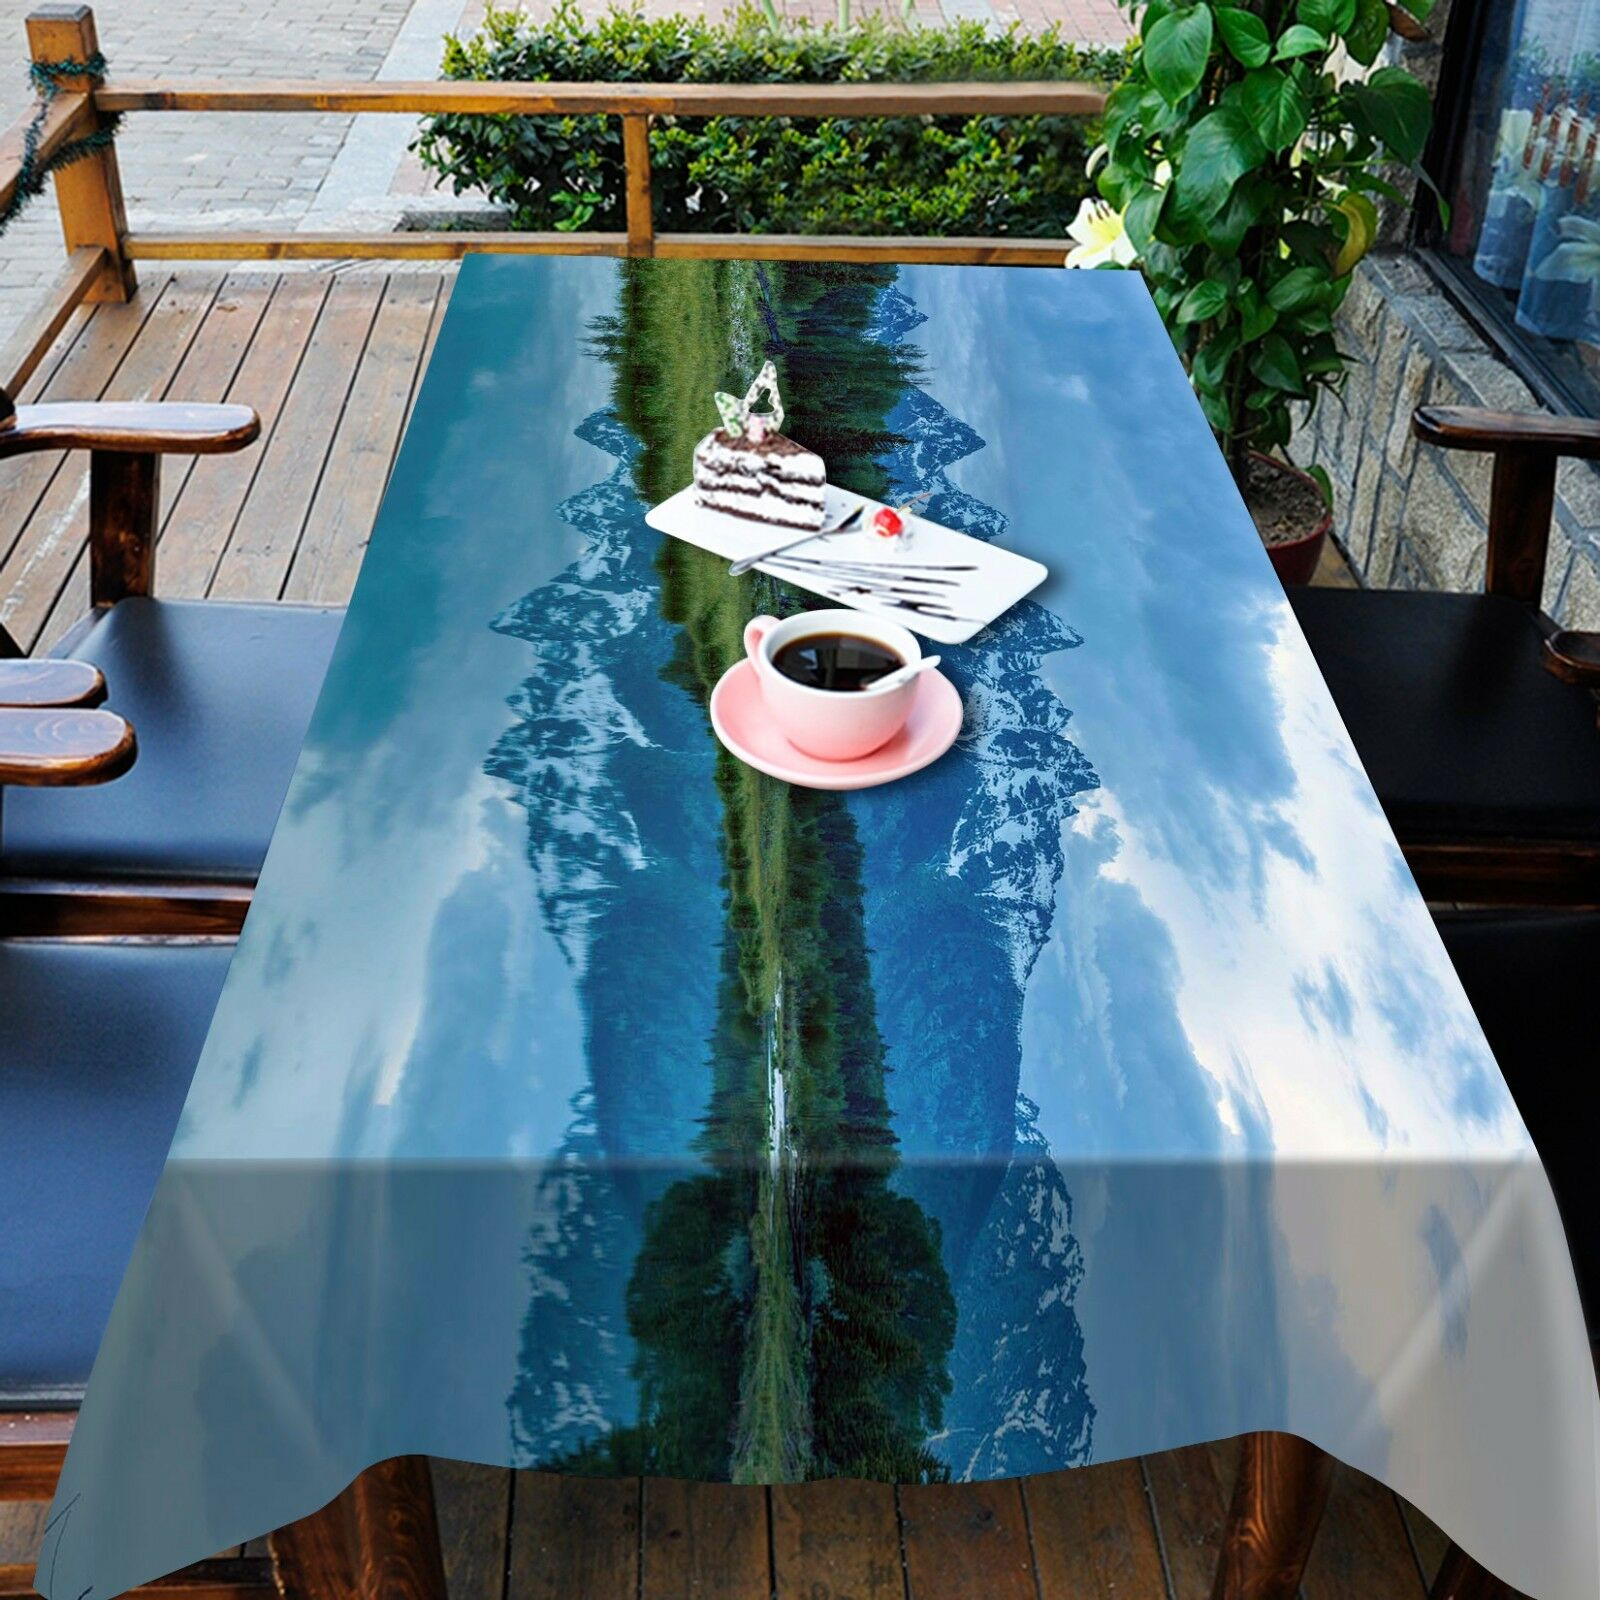 3D lac Shadow Nappe Table Cover Cloth fête d'anniversaire AJ papier peint Royaume-Uni Citron